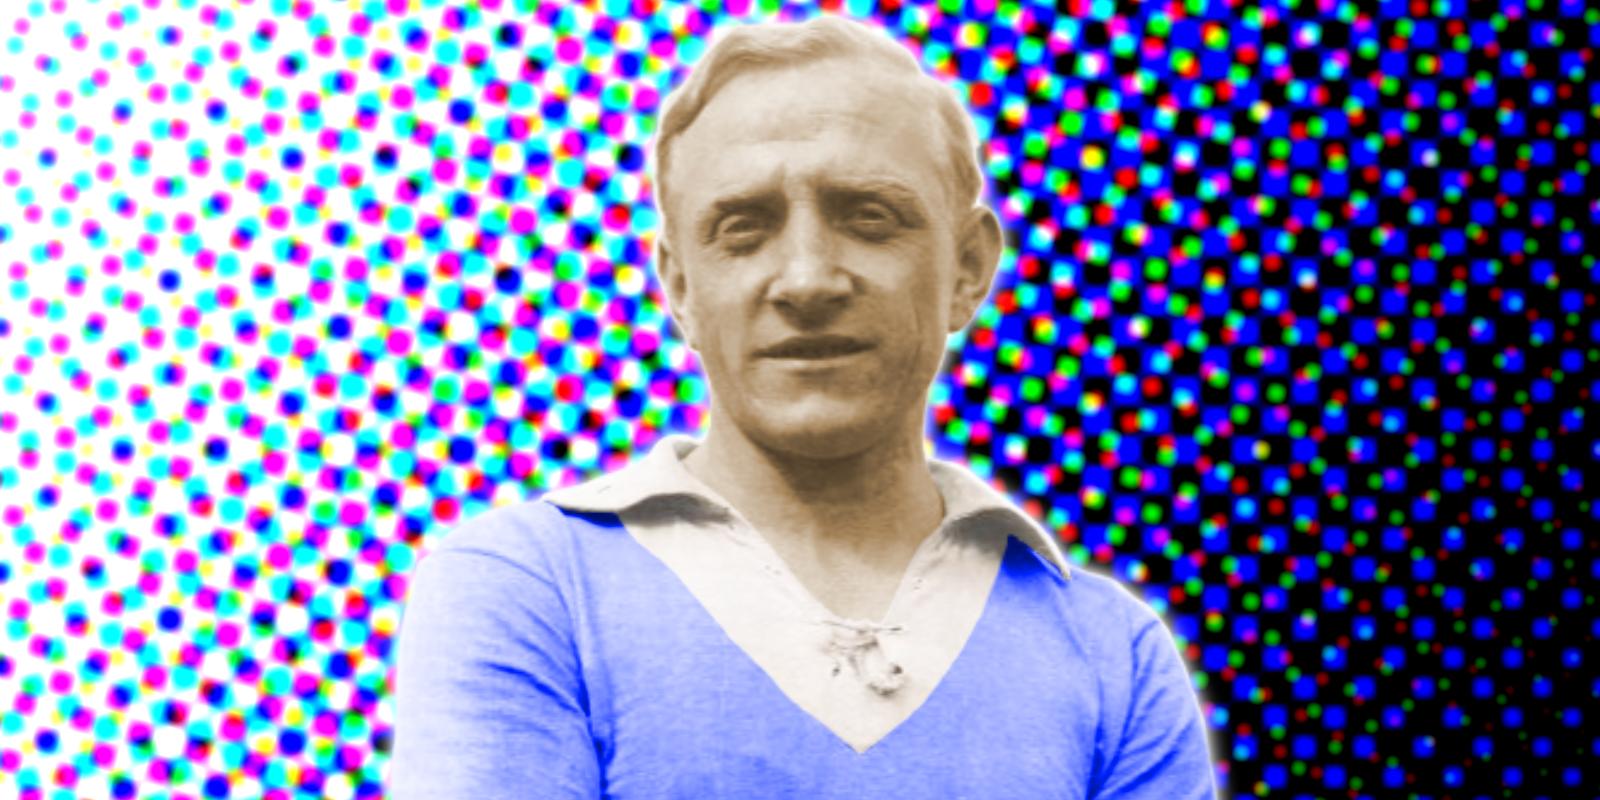 Über Fritz Szepan und das moralische Dilemma im Fußball